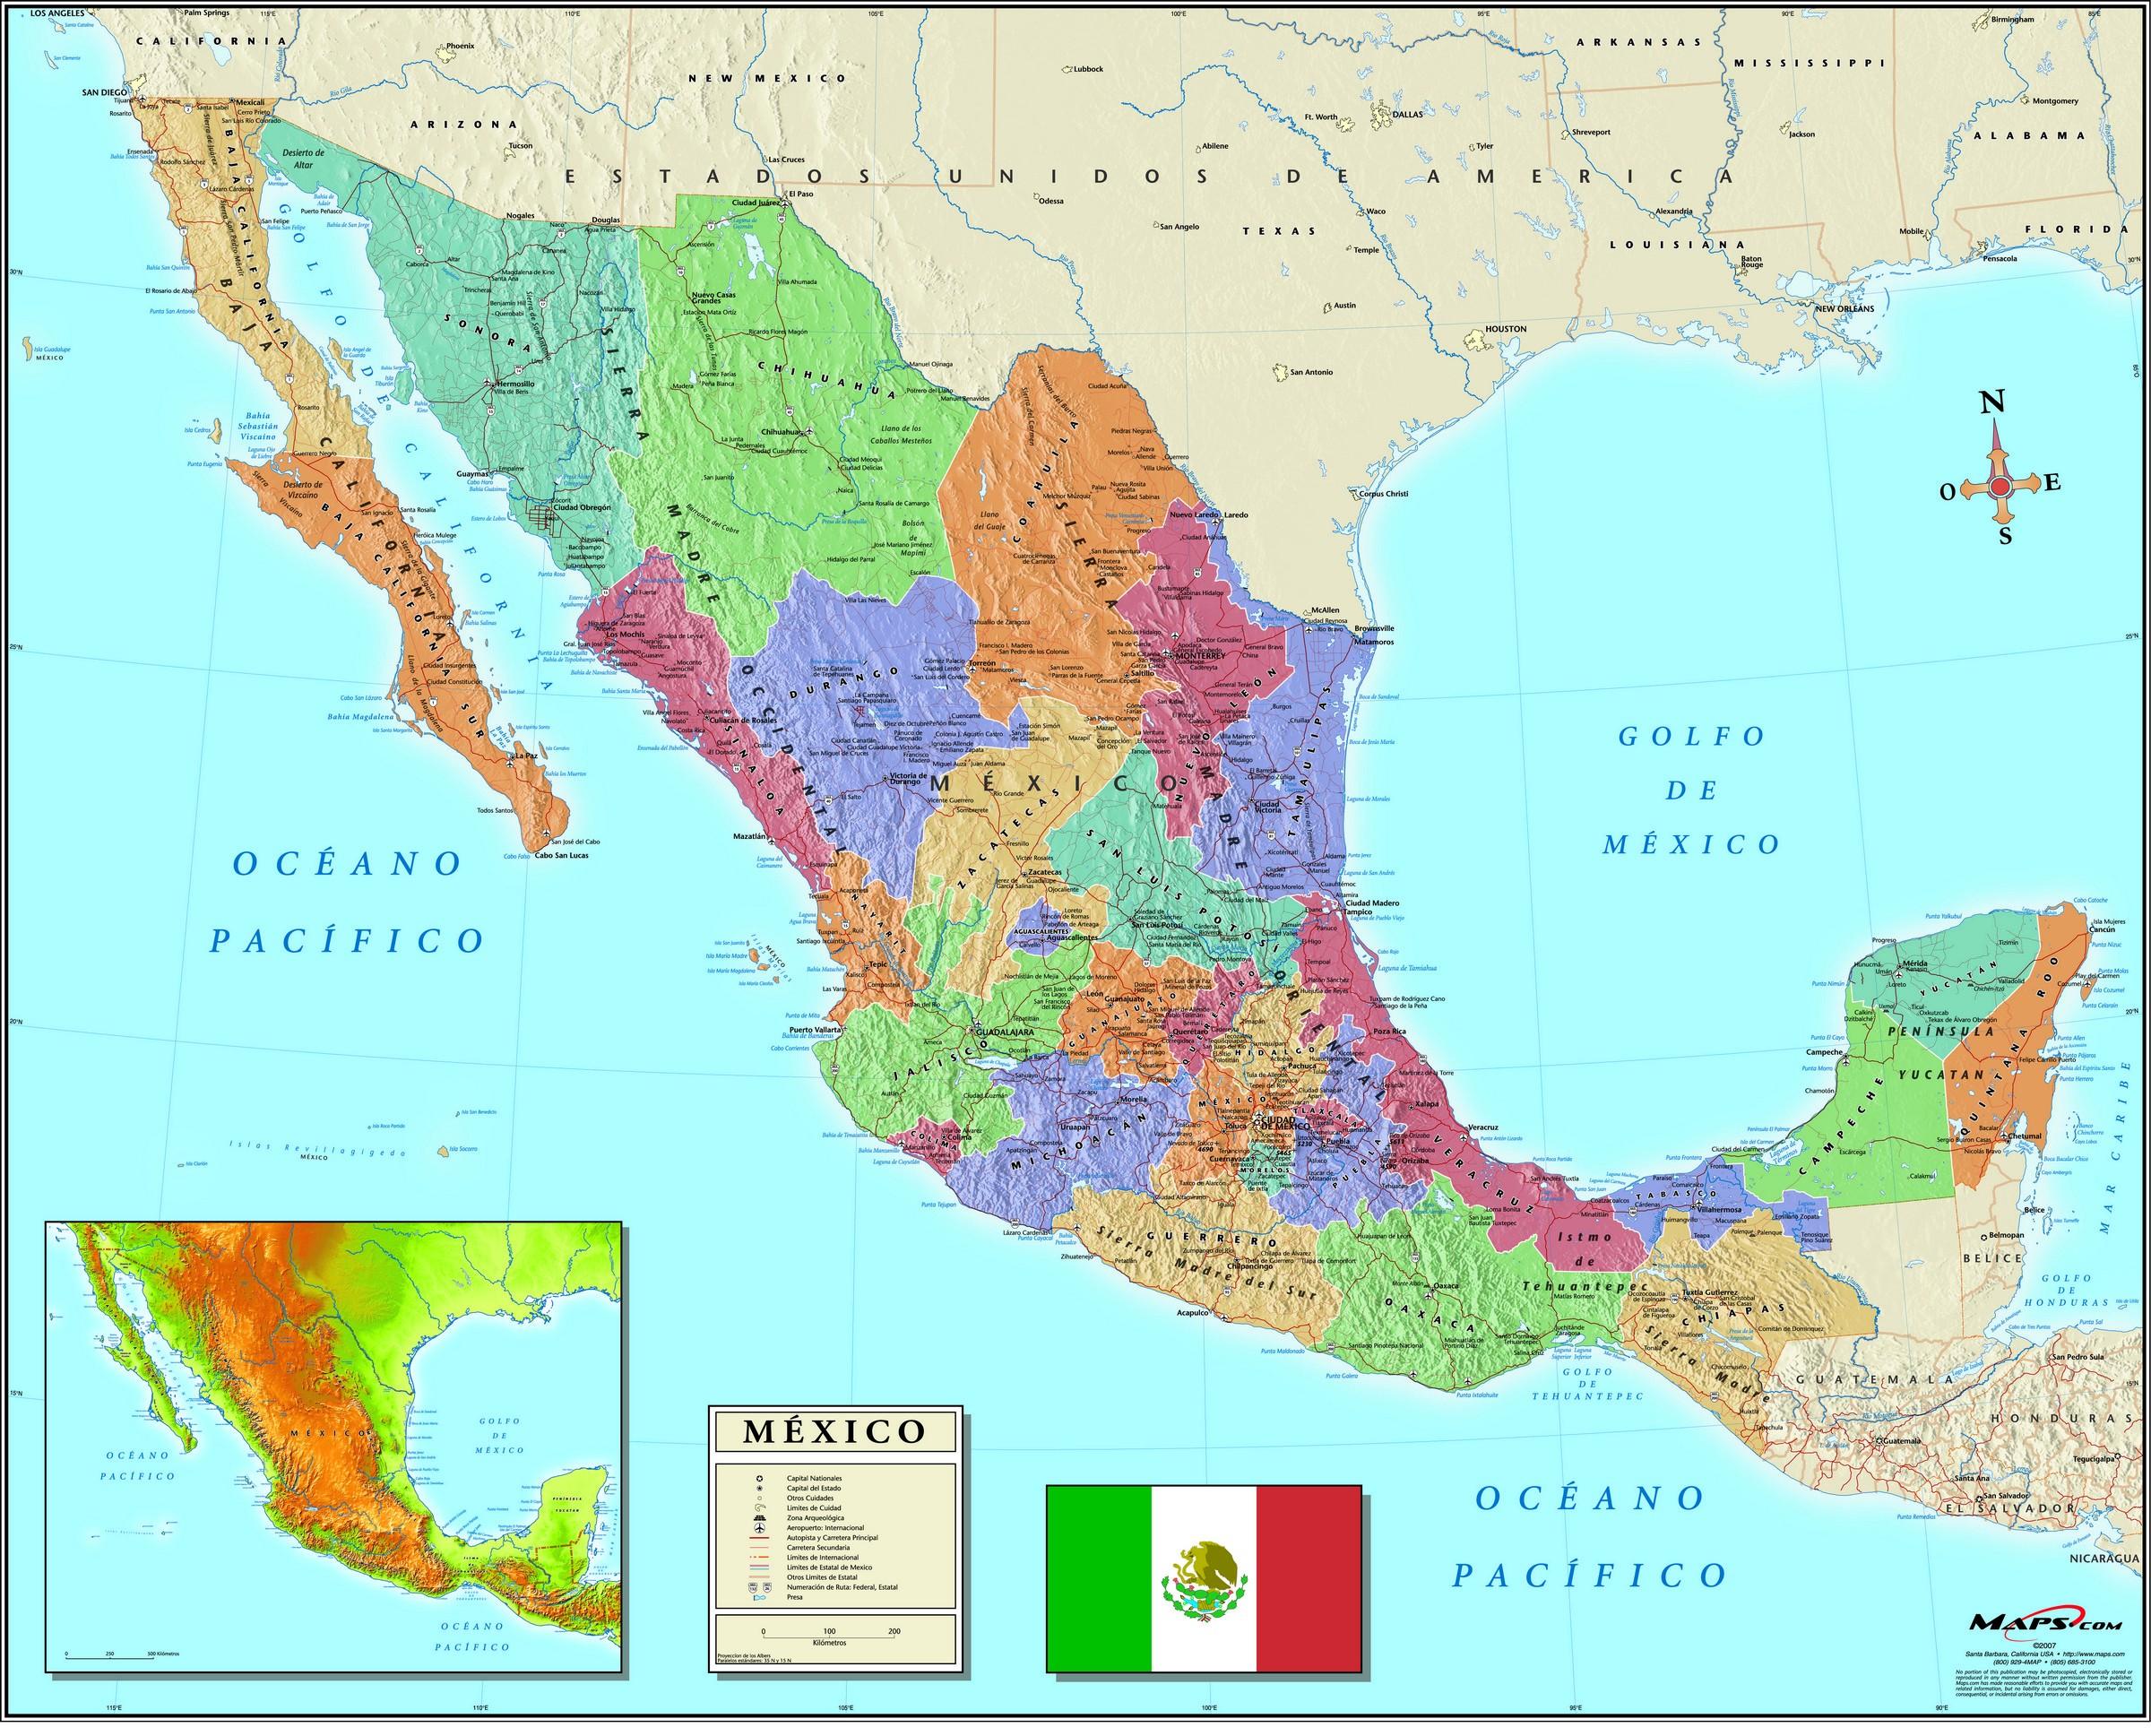 Map of México